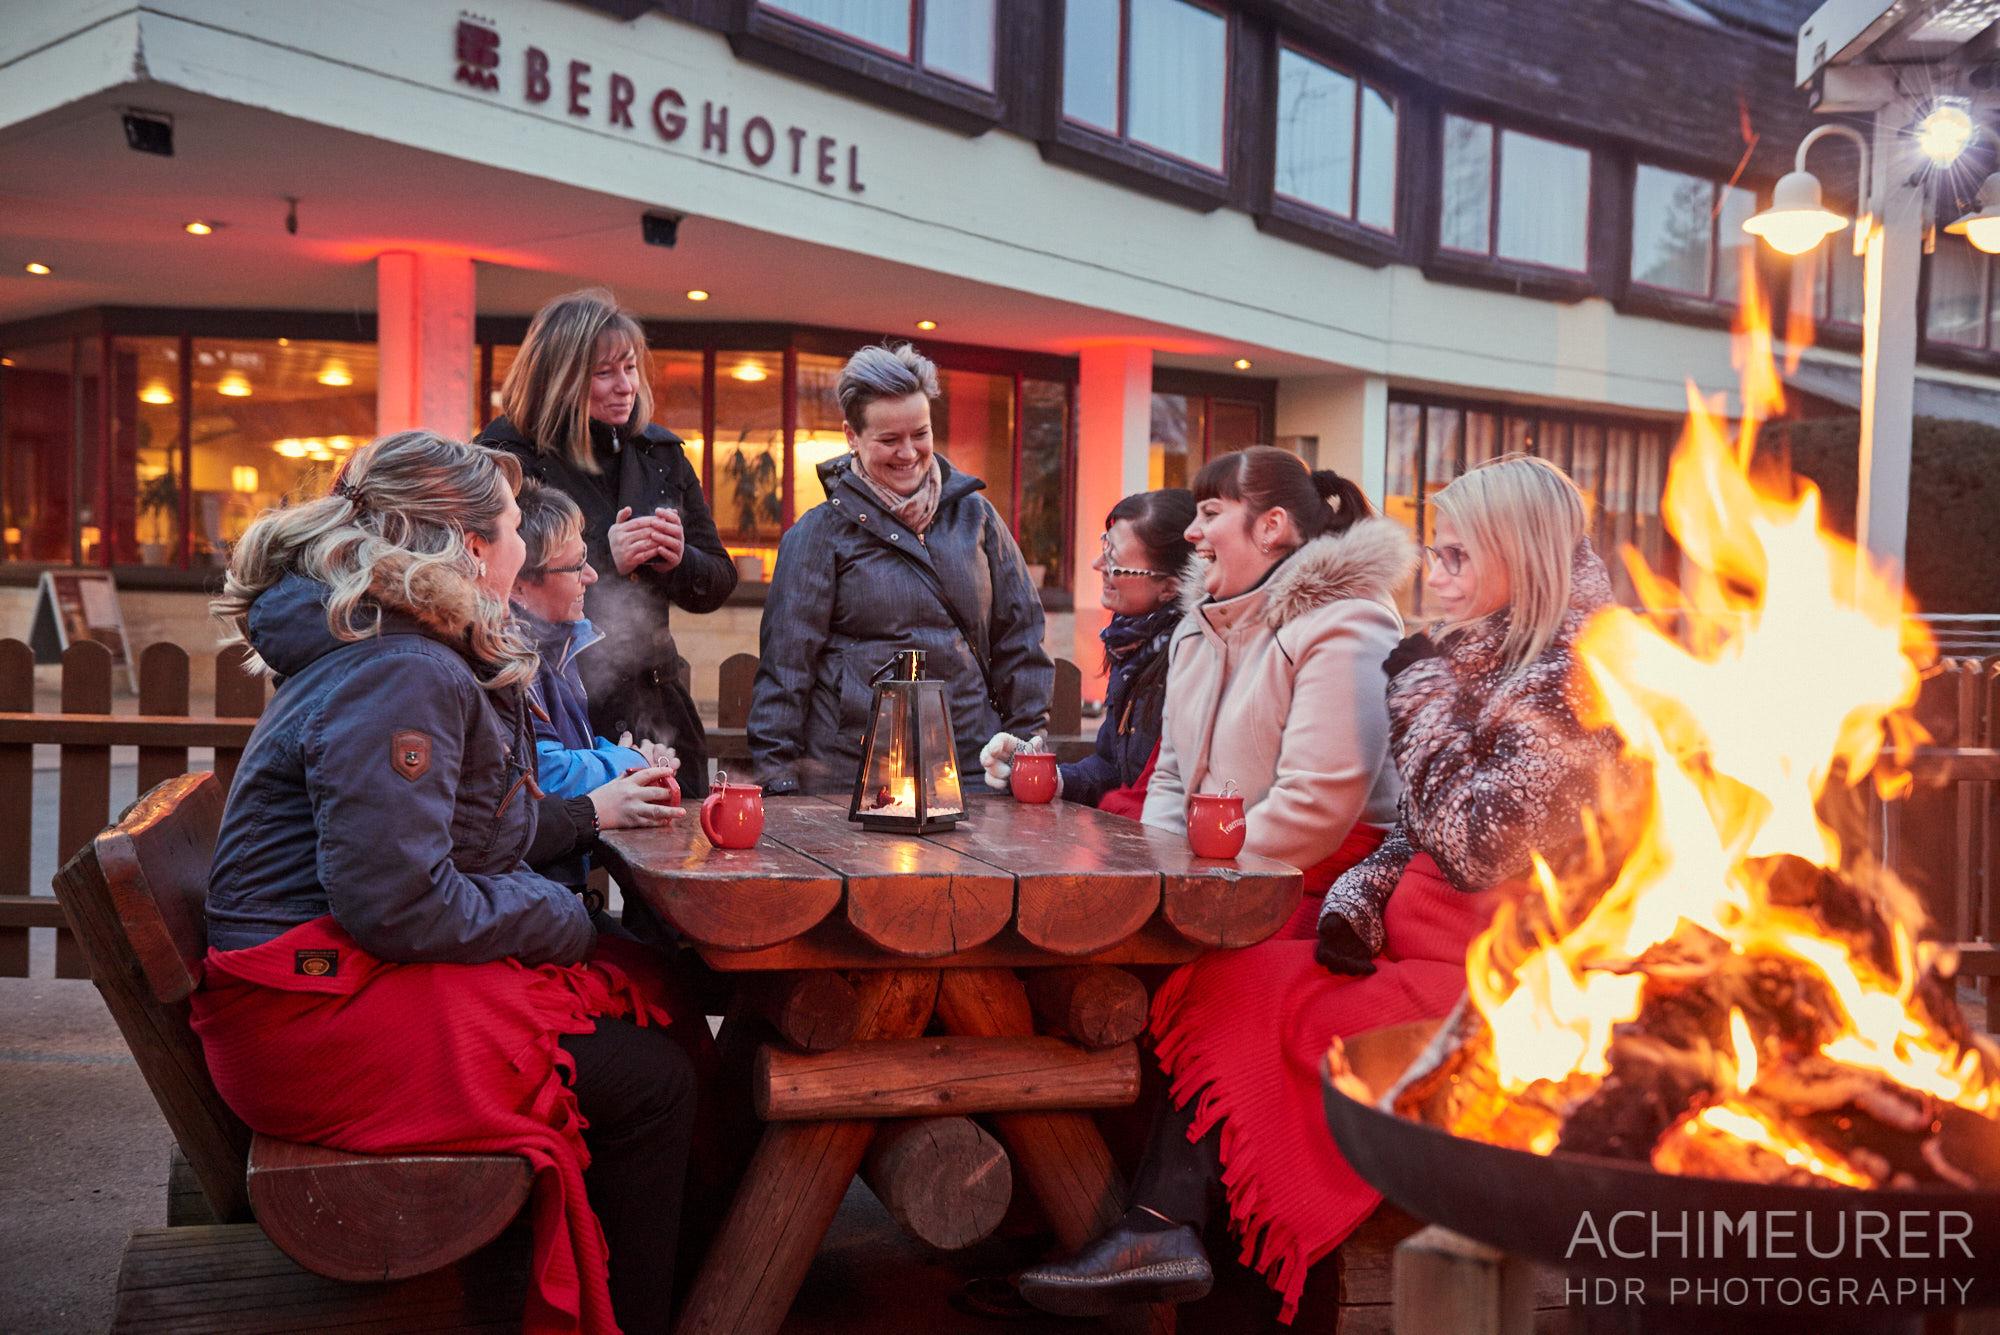 Feuerschale und Glühwein vor dem Basteihotel, Sächsische Schweiz by AchimMeurer.com.